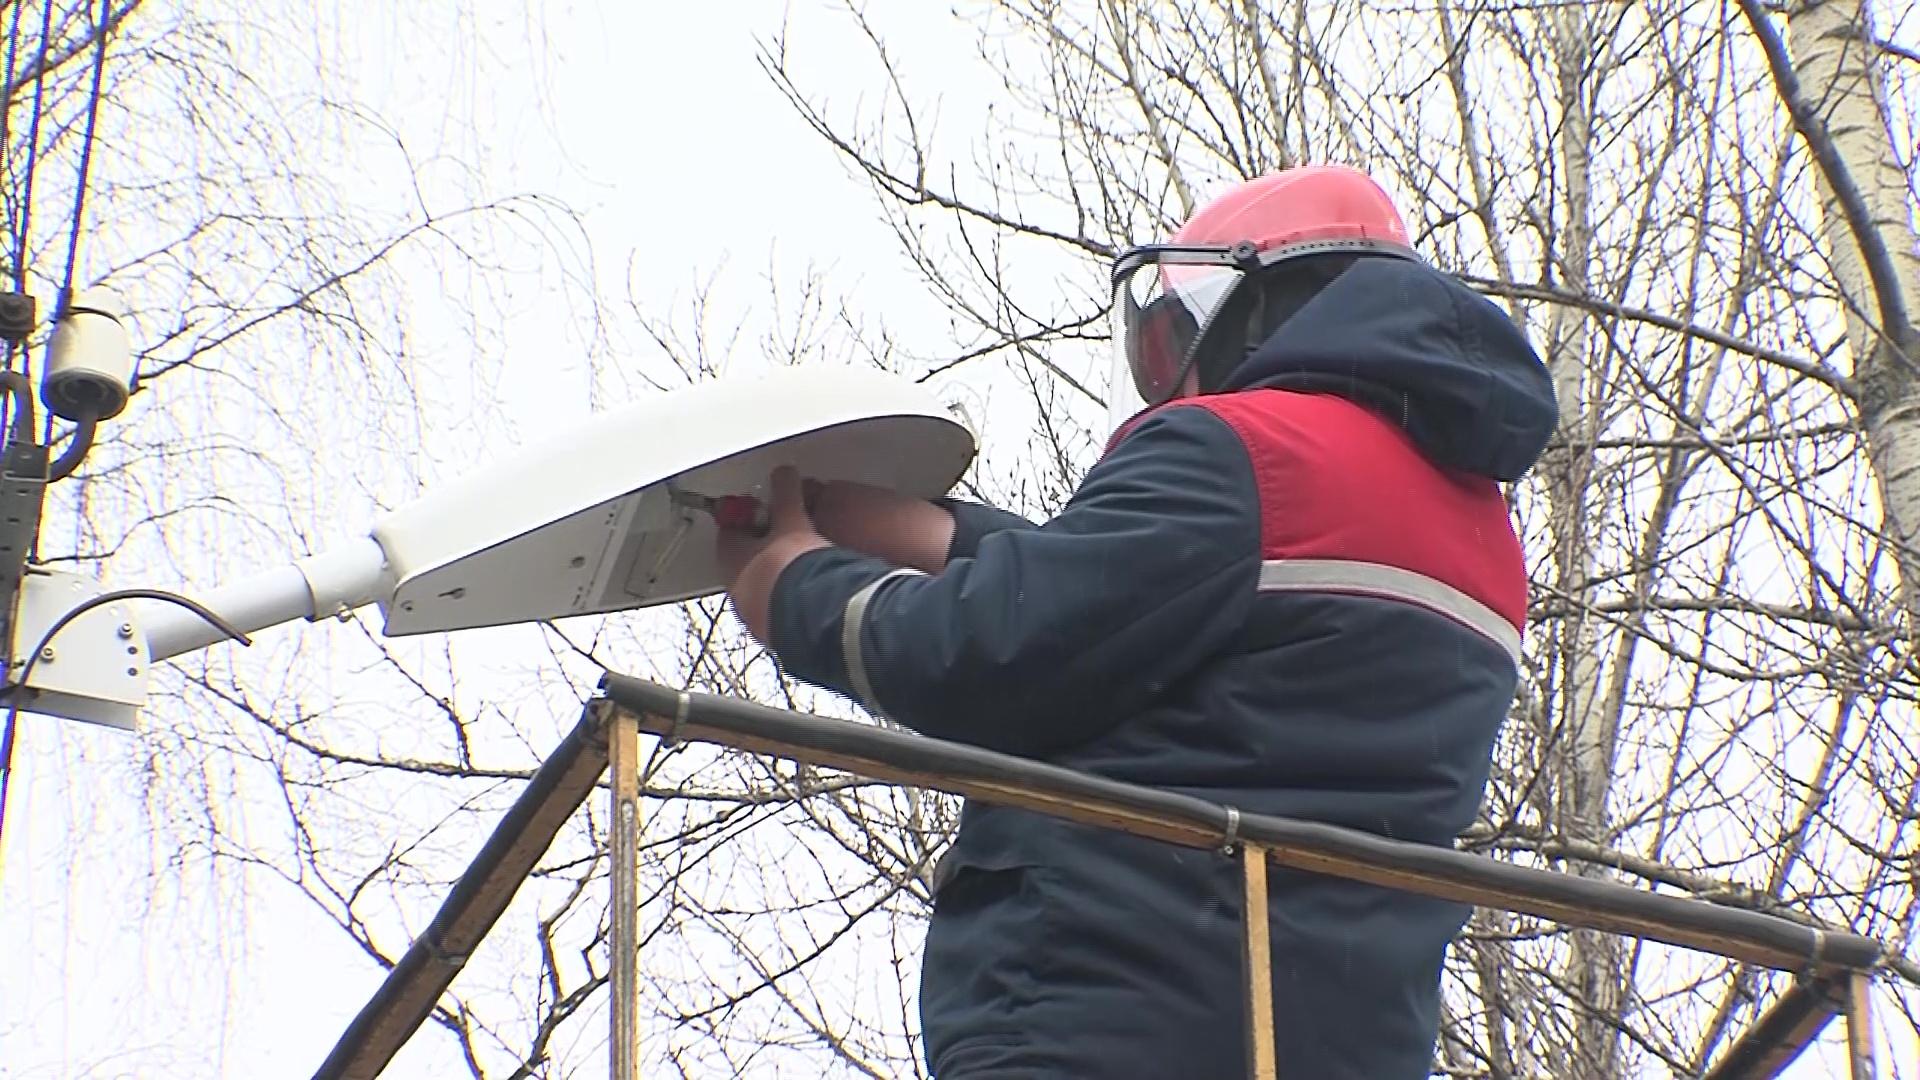 Город во тьме: ярославцы боятся вечером возвращаться домой из-за неработающих фонарей